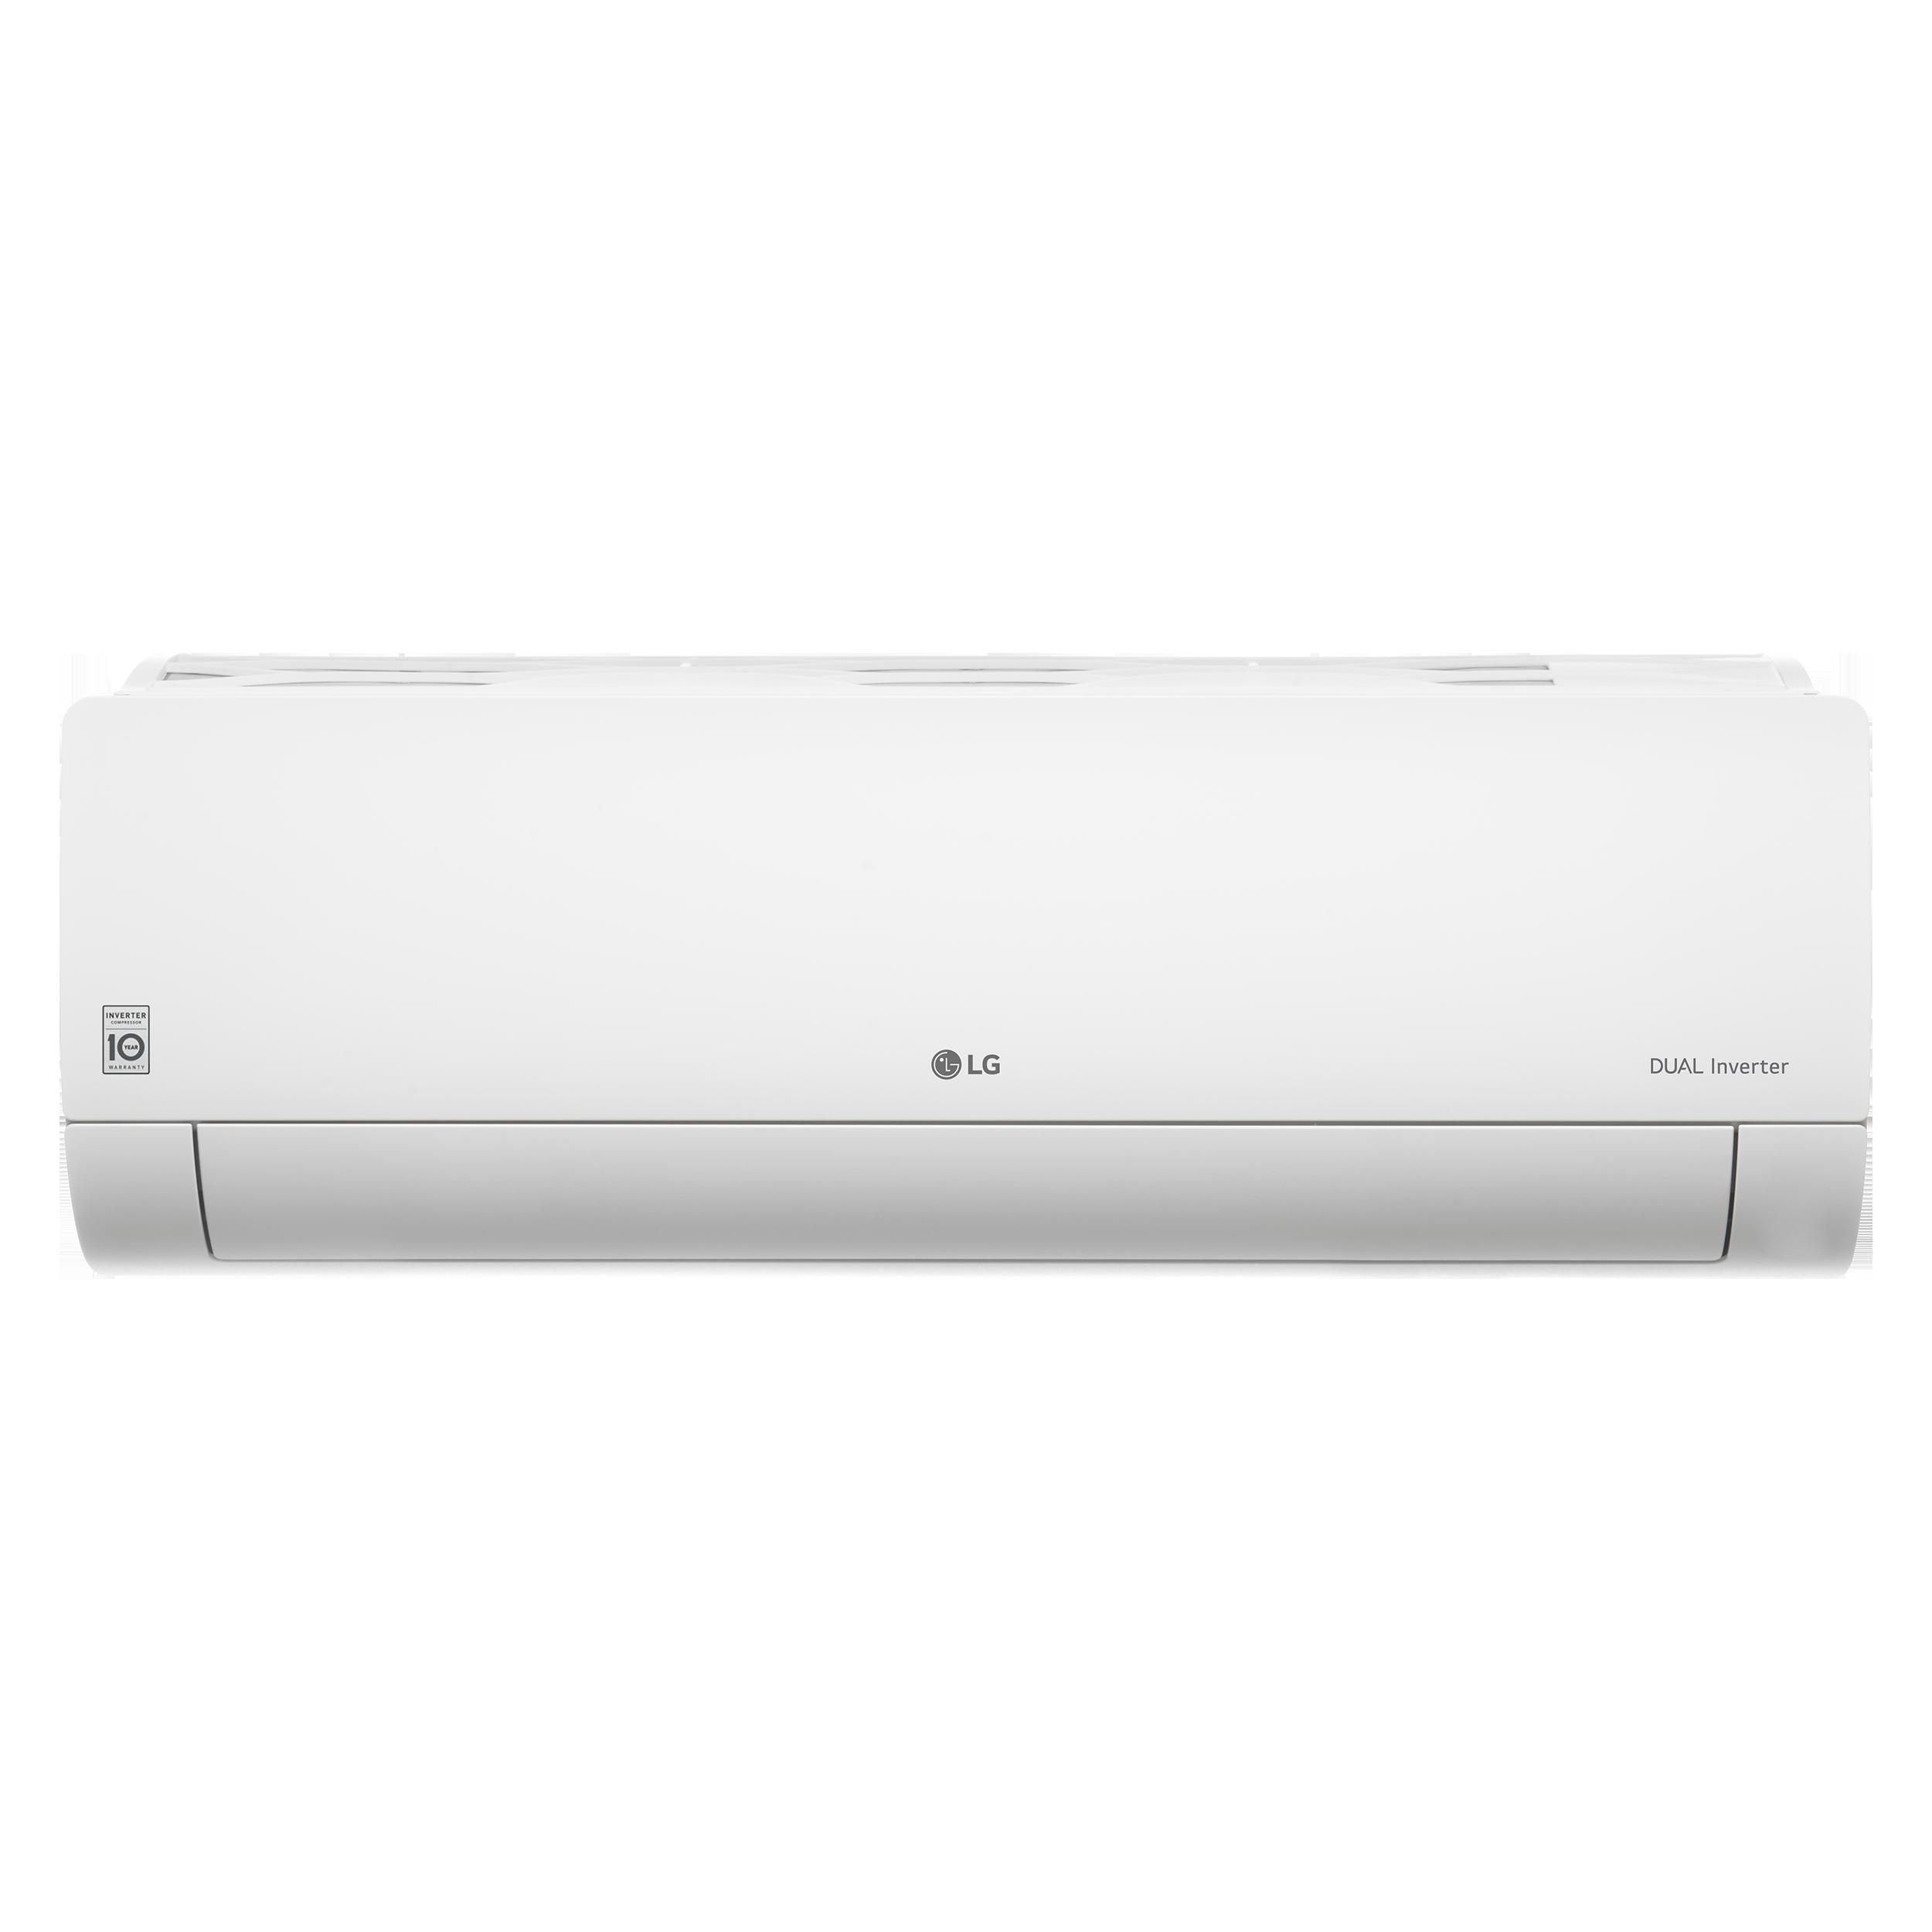 LG 1.5 Ton 5 Star Inverter Split AC (Copper Condenser, MSNQ18ENZA1, White)_1